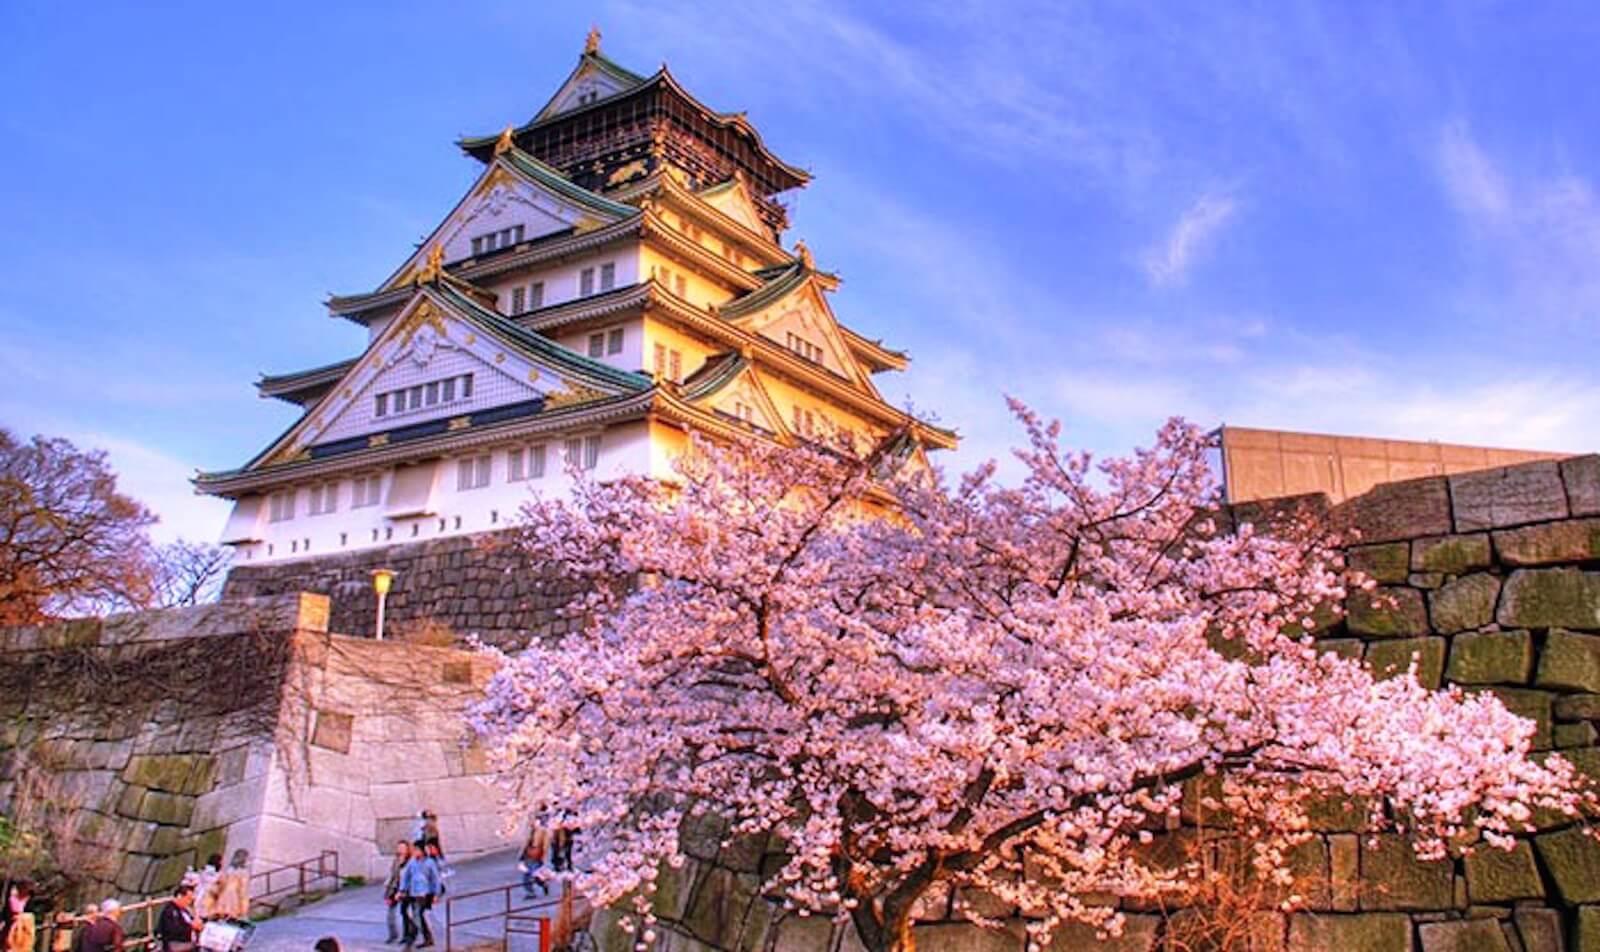 Lâu đài Osaka mang phong cách thiết kế với lối kiến trúc vô cùng tinh sảo.